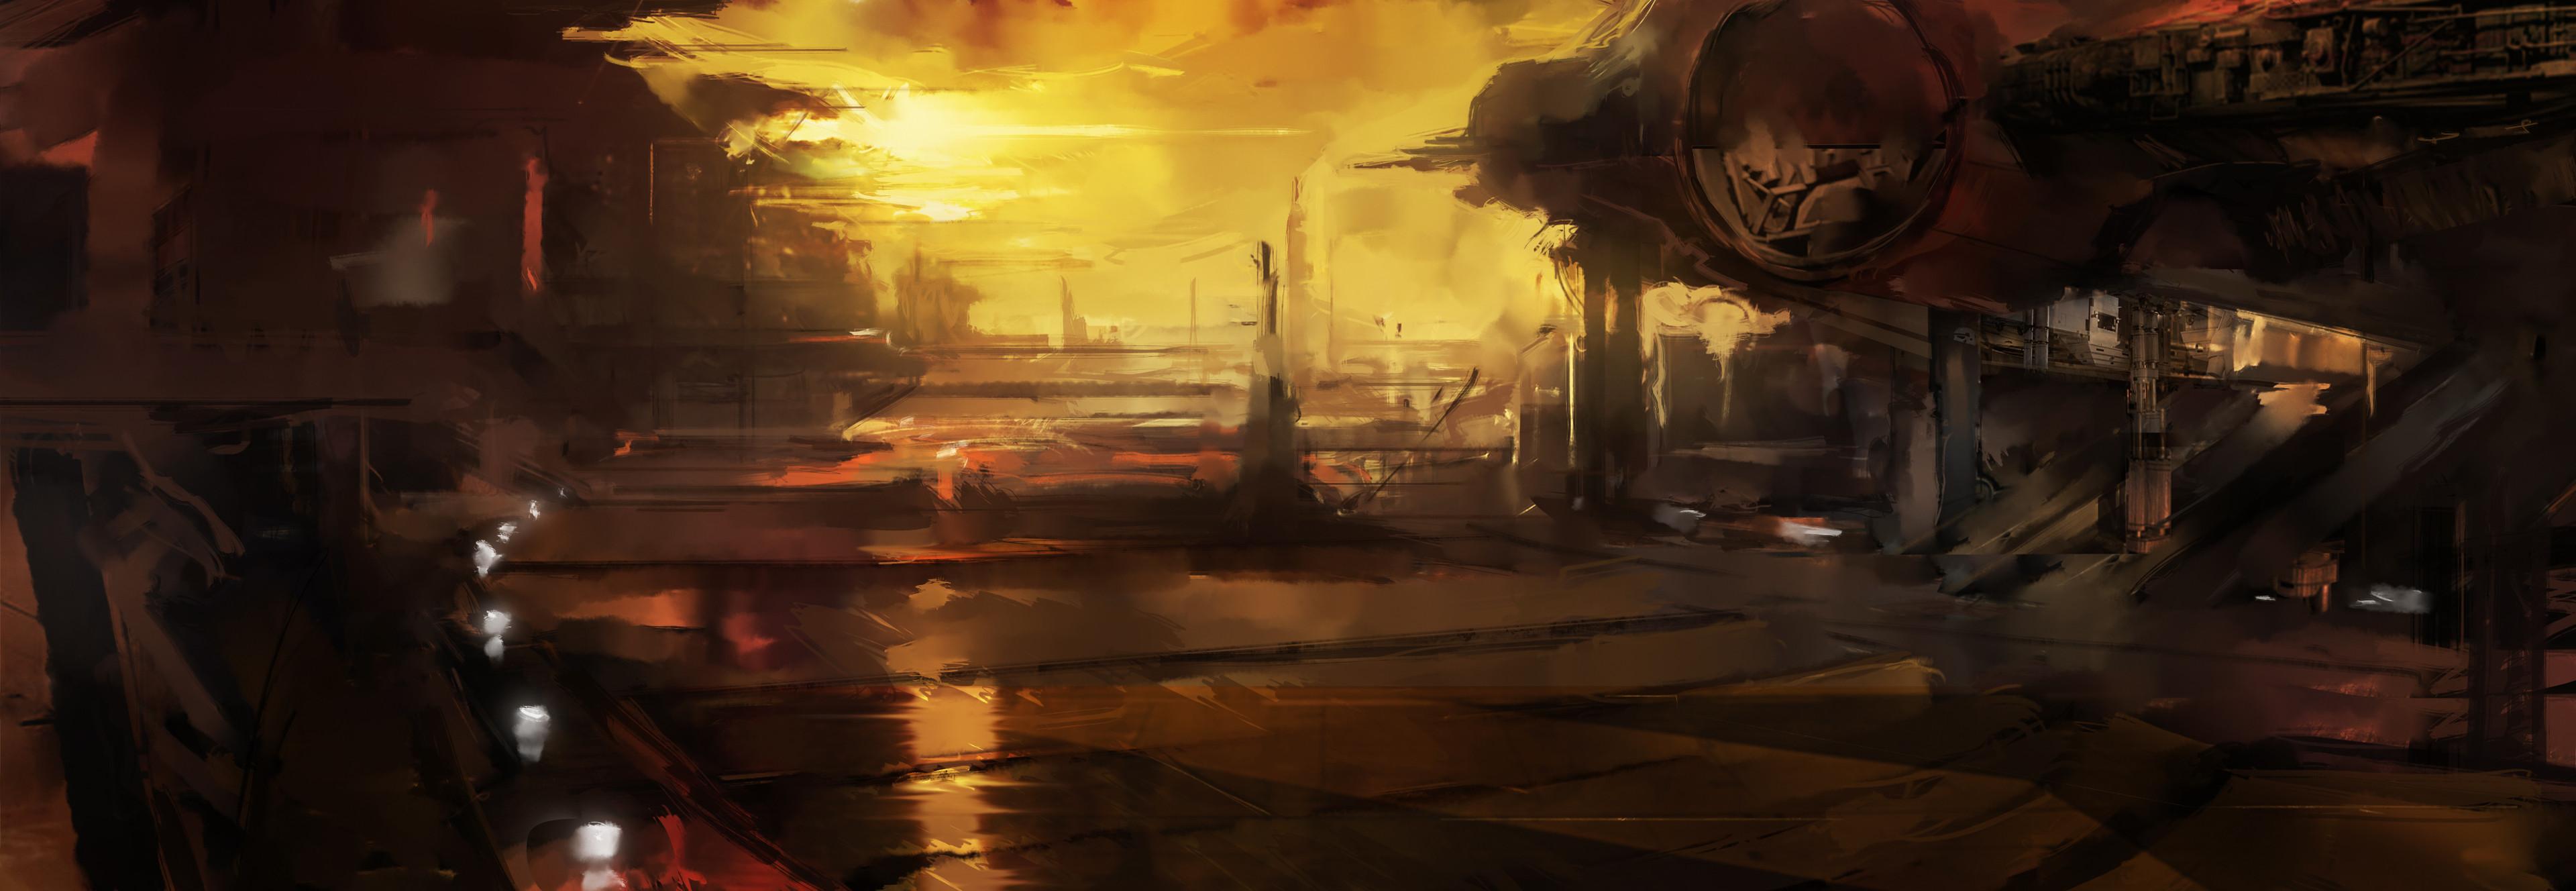 Spaceship Port